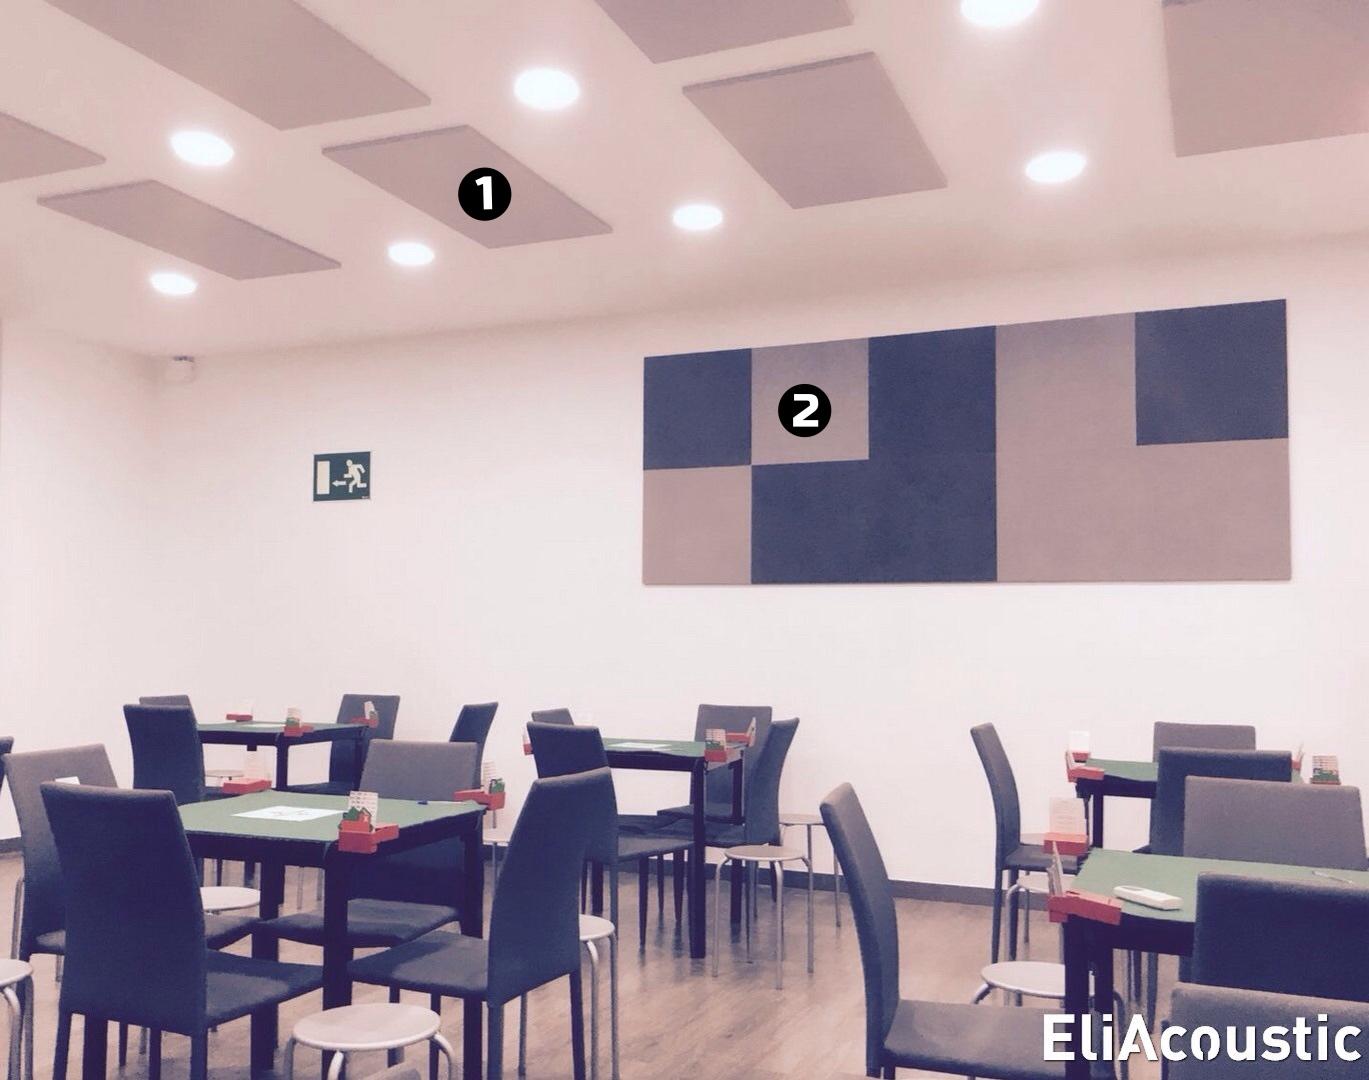 paneles acusticos reductores de ruido en restaurante